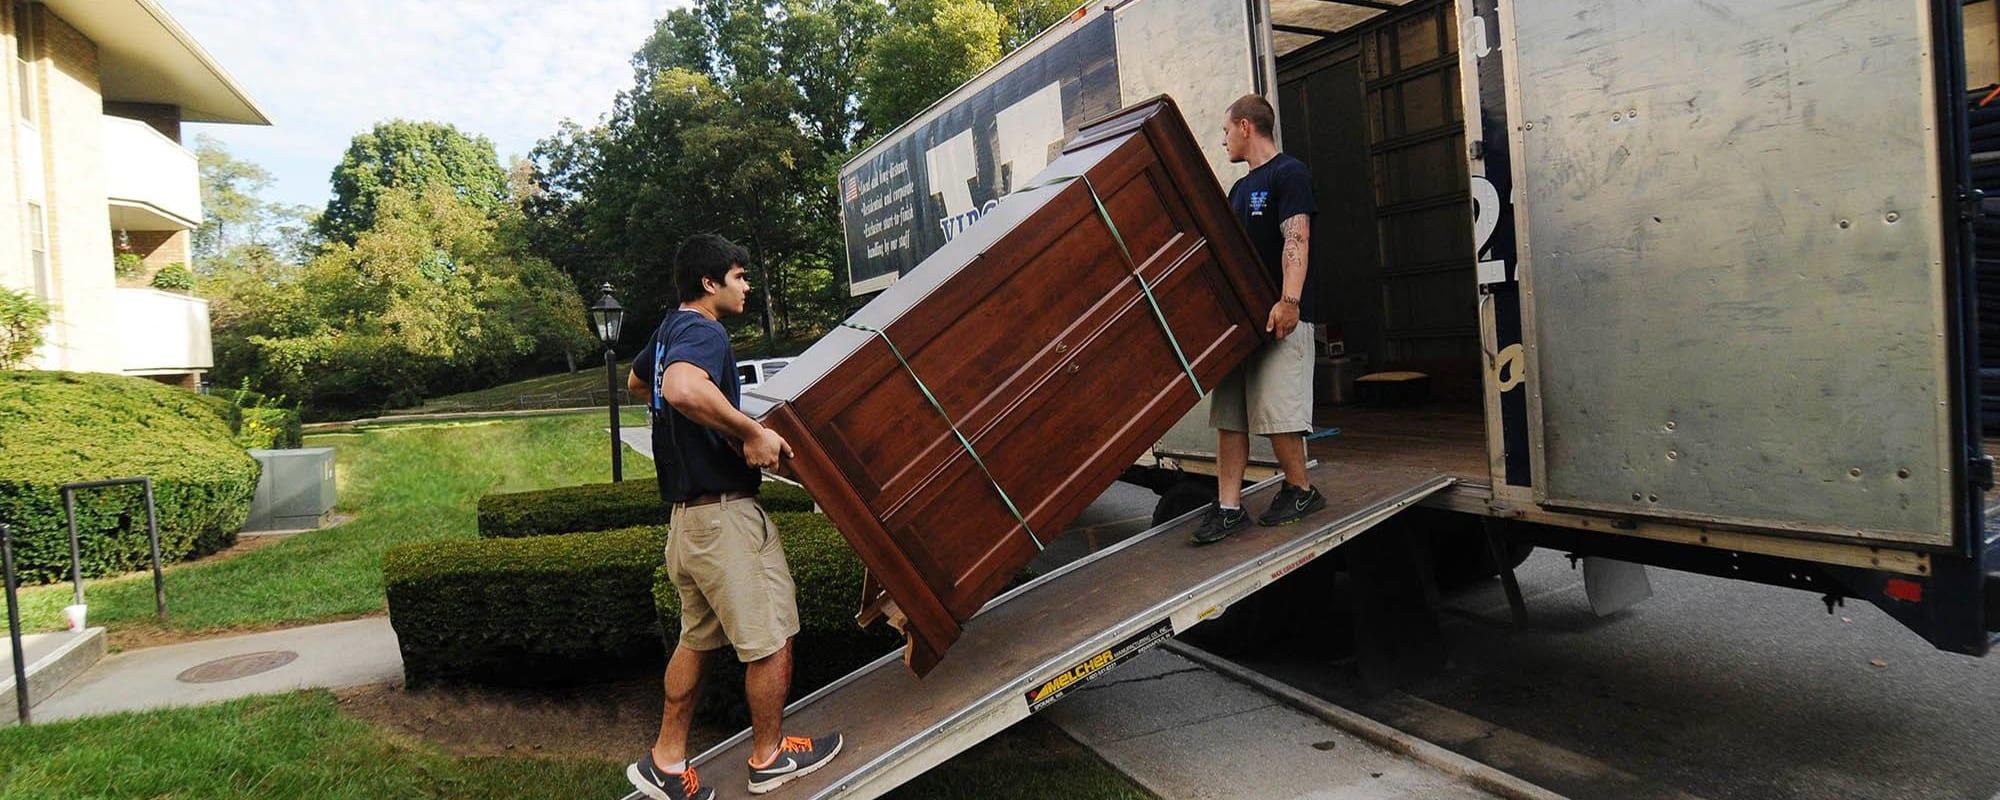 Moving services from Virginia Varsity Transfer in Salem, Virginia